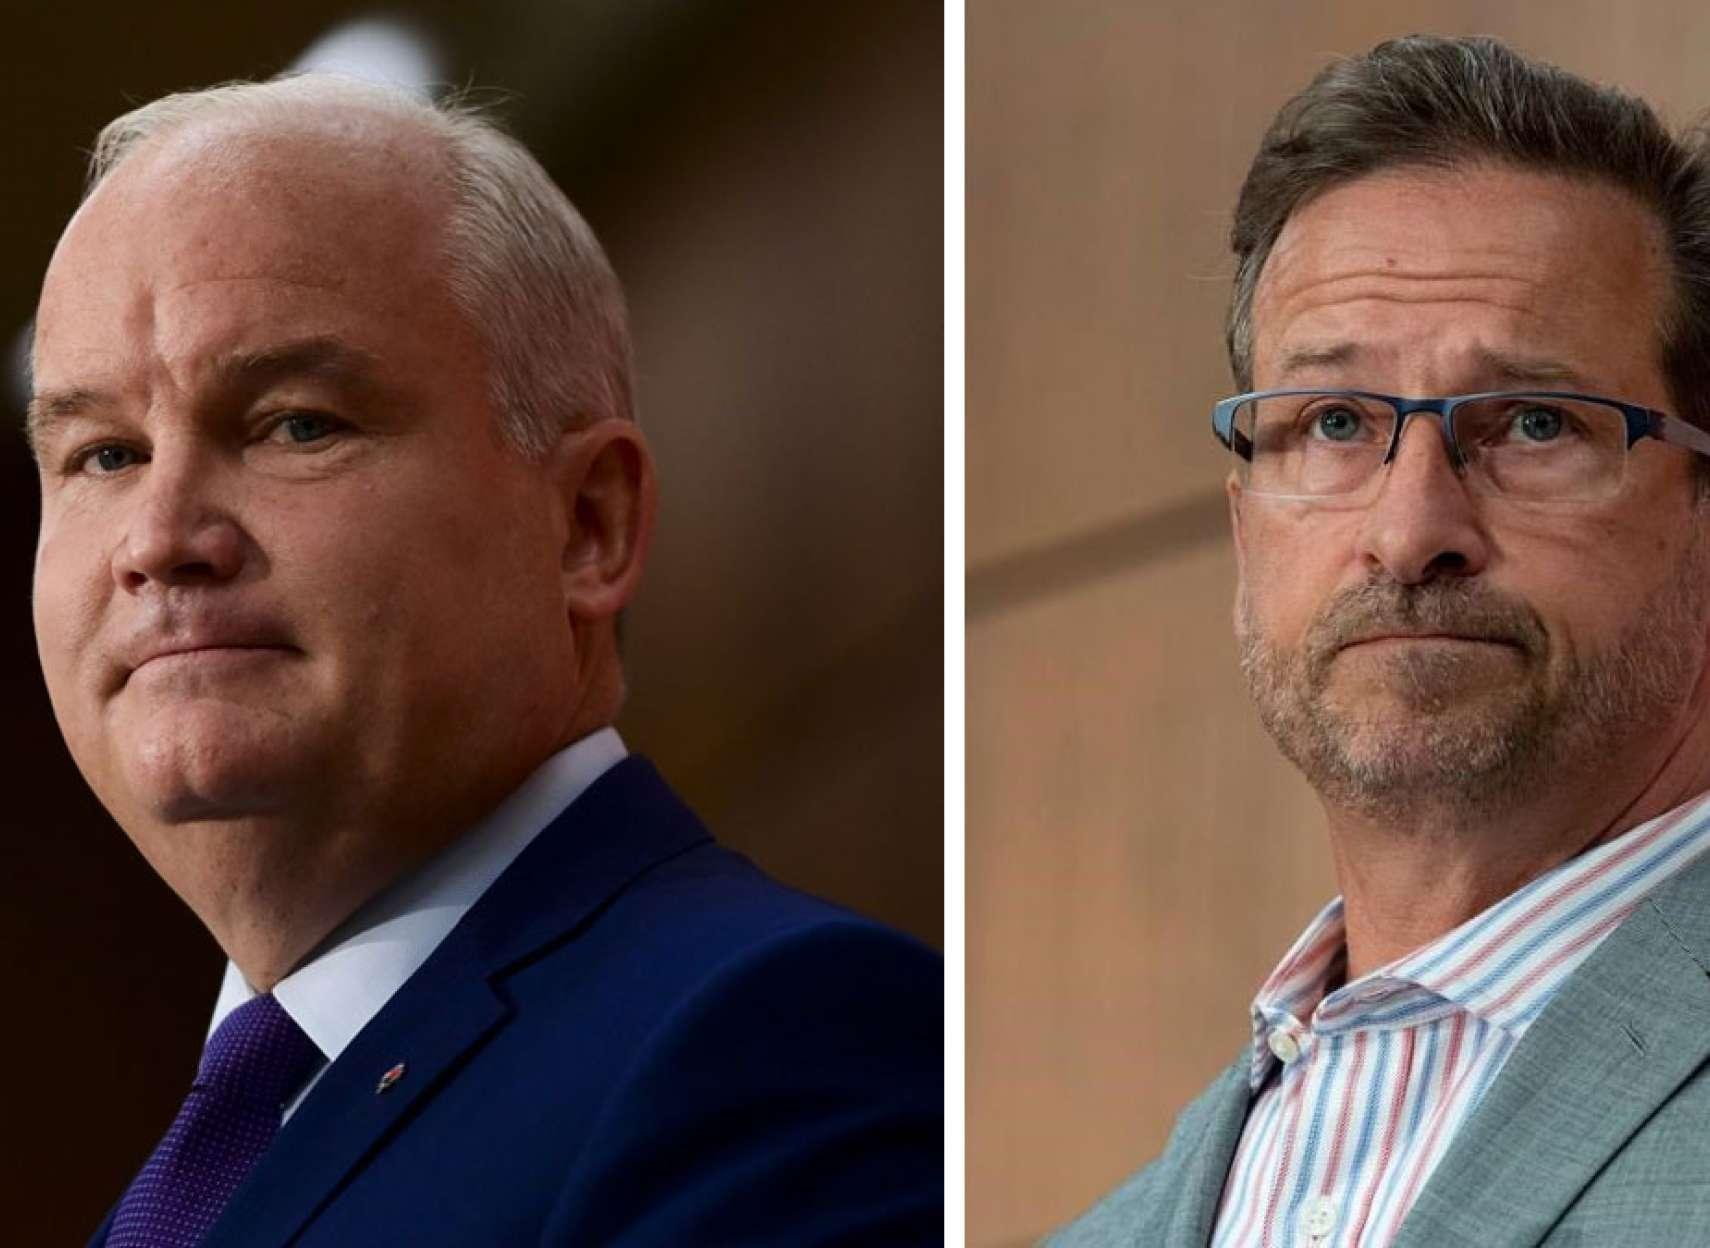 اخبار-کانادا-رهبران-احزاب-مخالف-کانادا-محافظهکار-و-کبک-کرونا-گرفتند-نخست-وزیر-کبک-به-قرنطینه-رفت